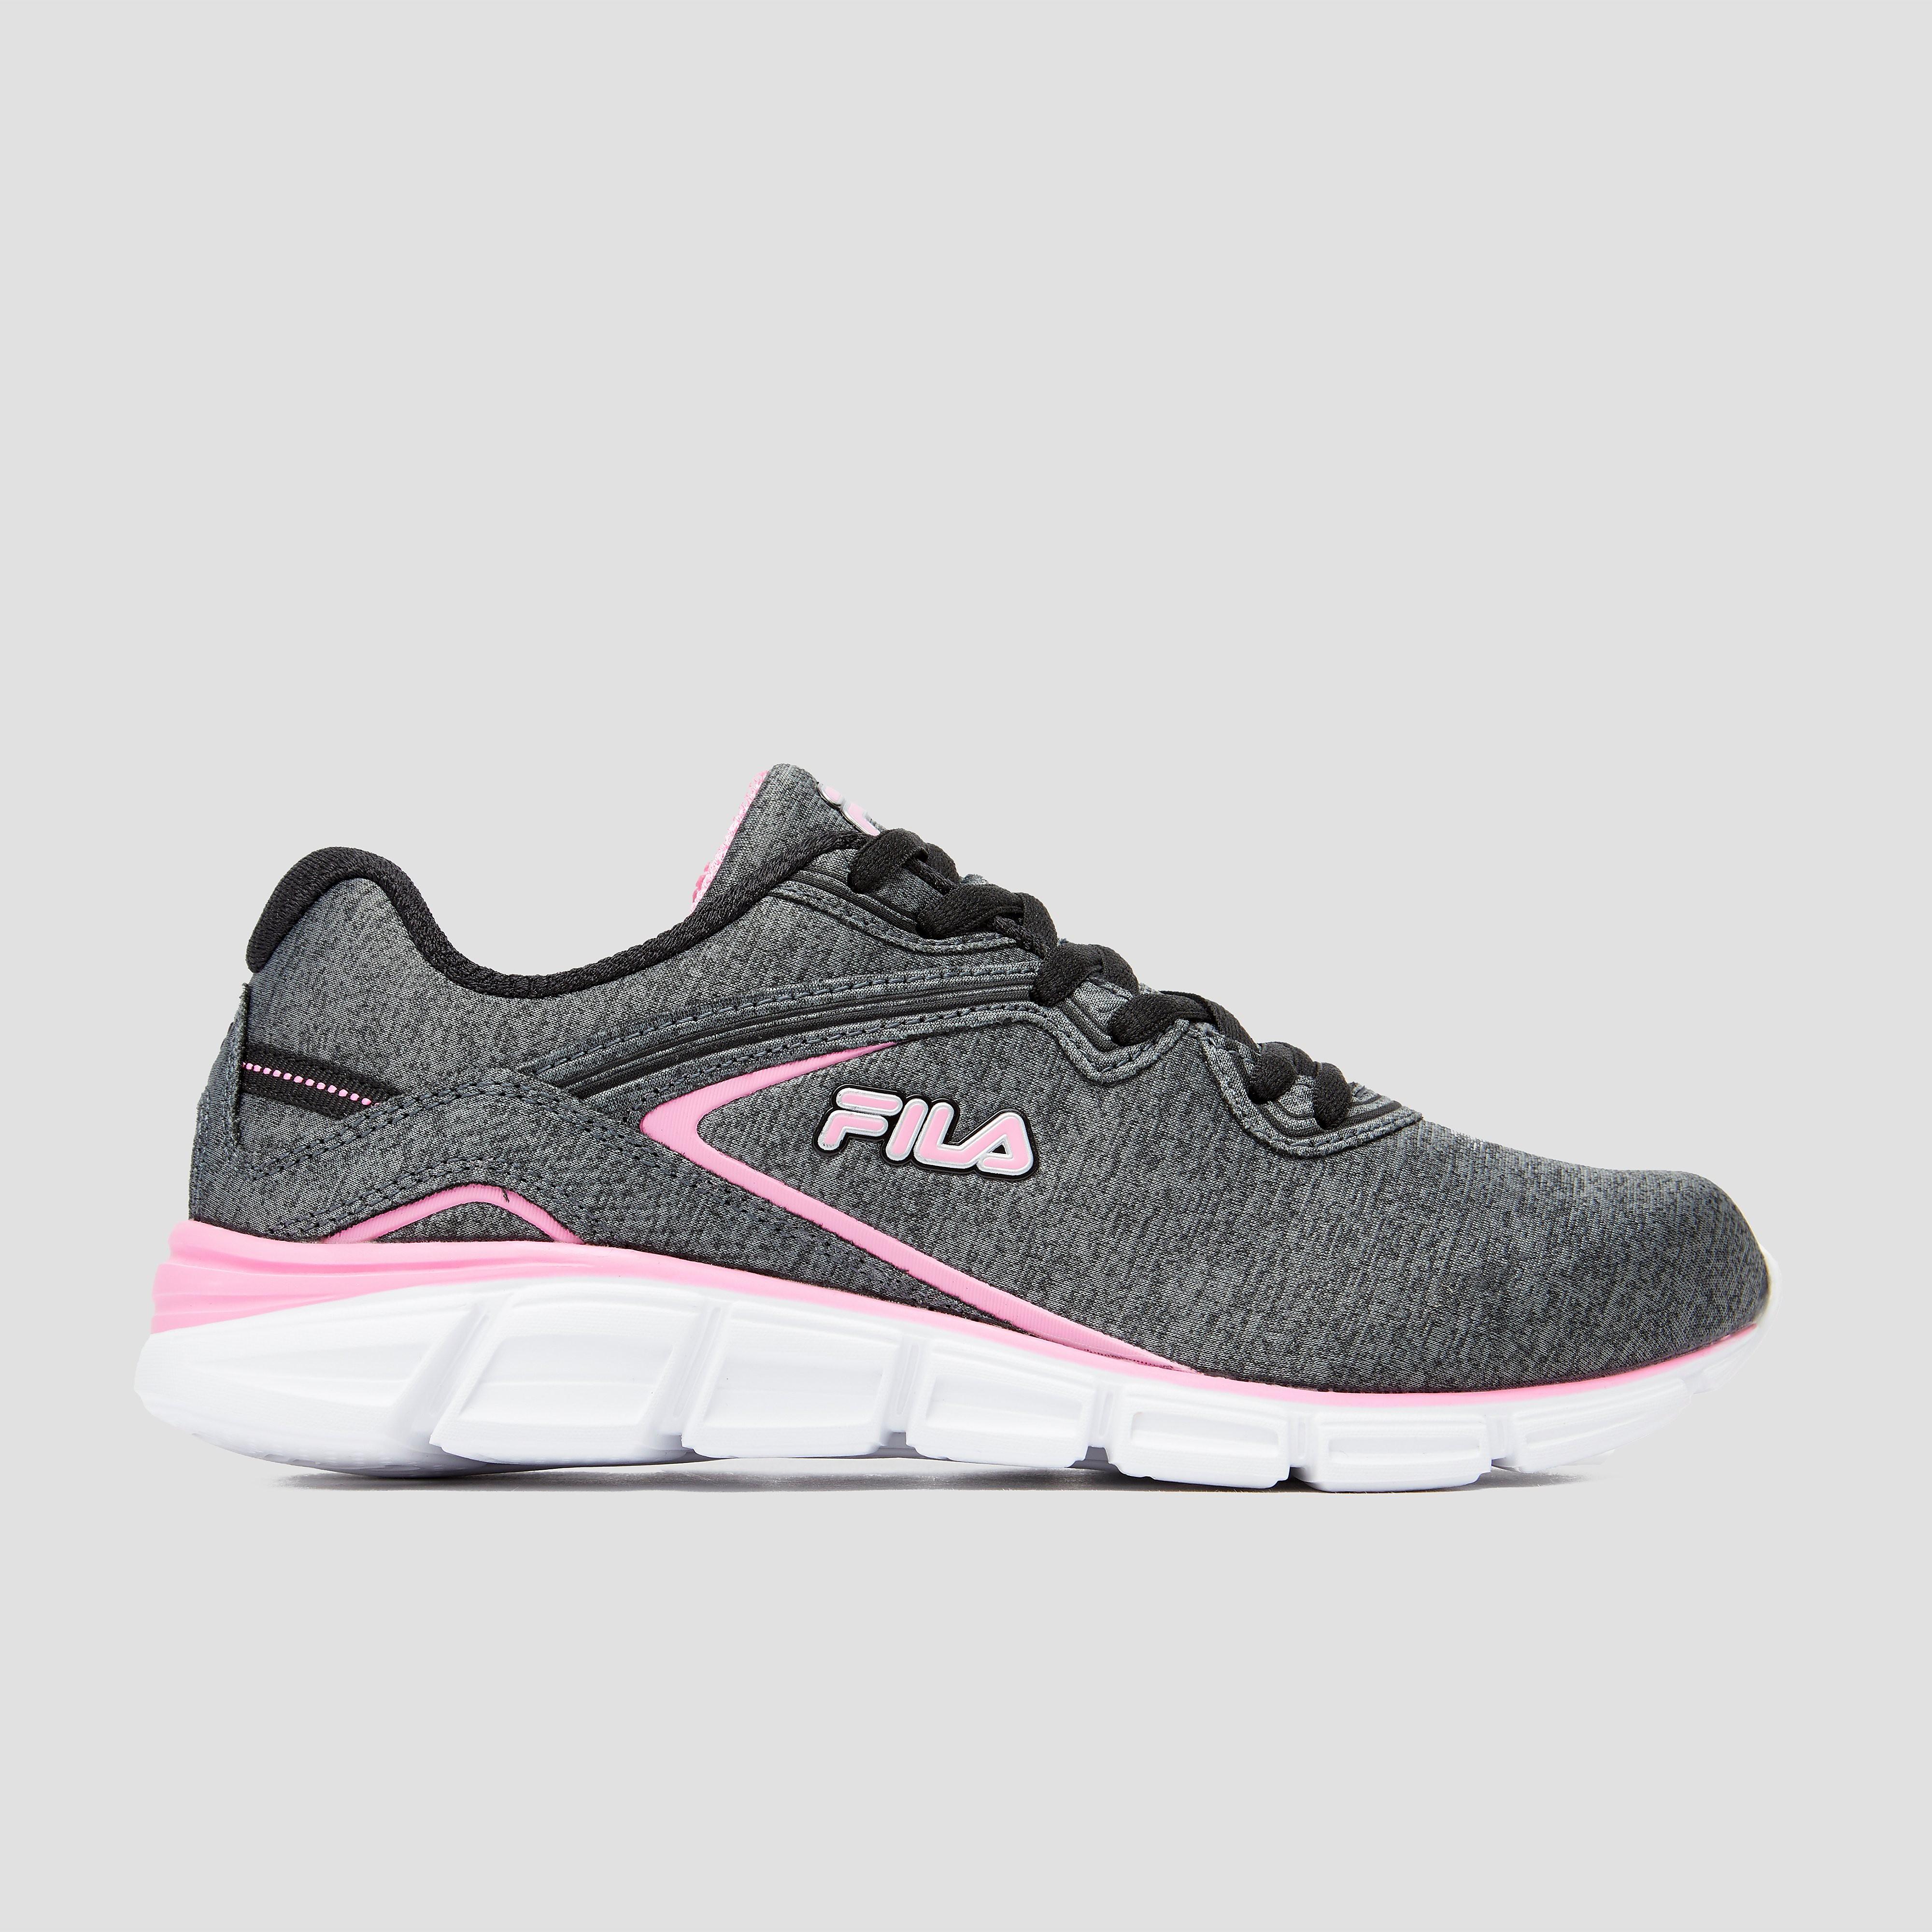 FILA Vernato heather hardloopschoenen zwart/roze dames Dames